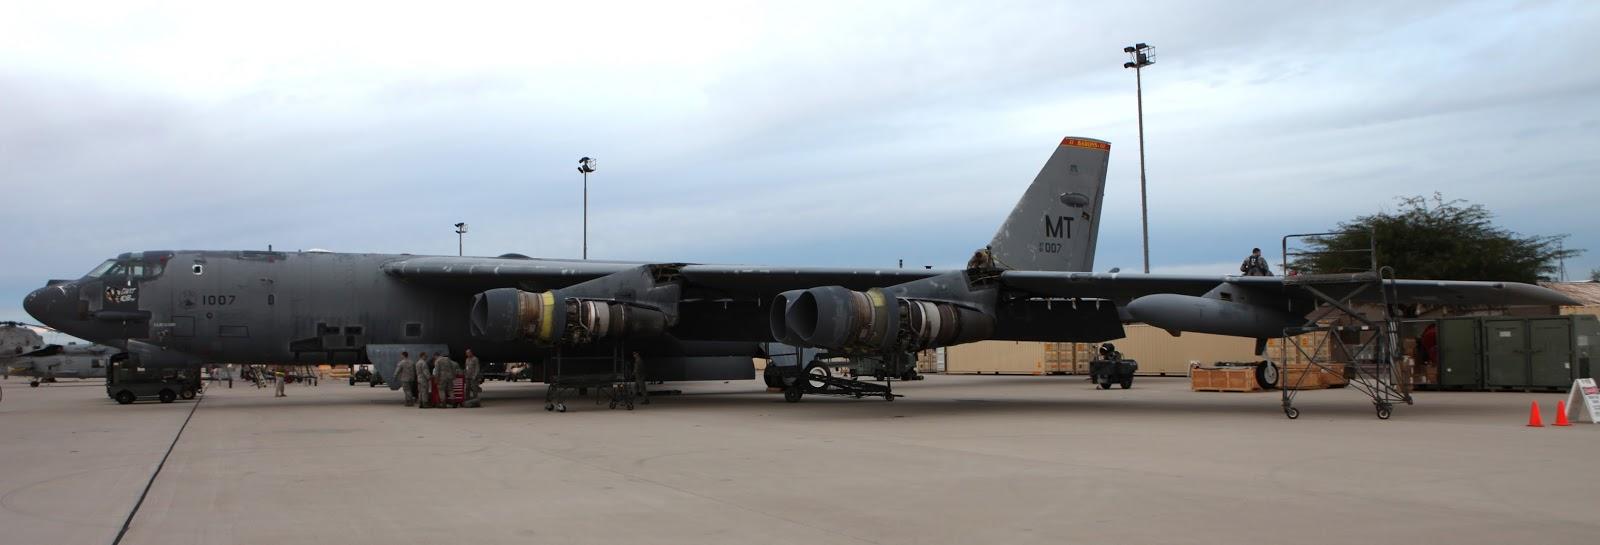 """Подлежащий расконсервации самолет B-52H с серийным номером 61-0007 и прозвищем """"Ghost Rider"""" («Призрачный гонщик»)."""